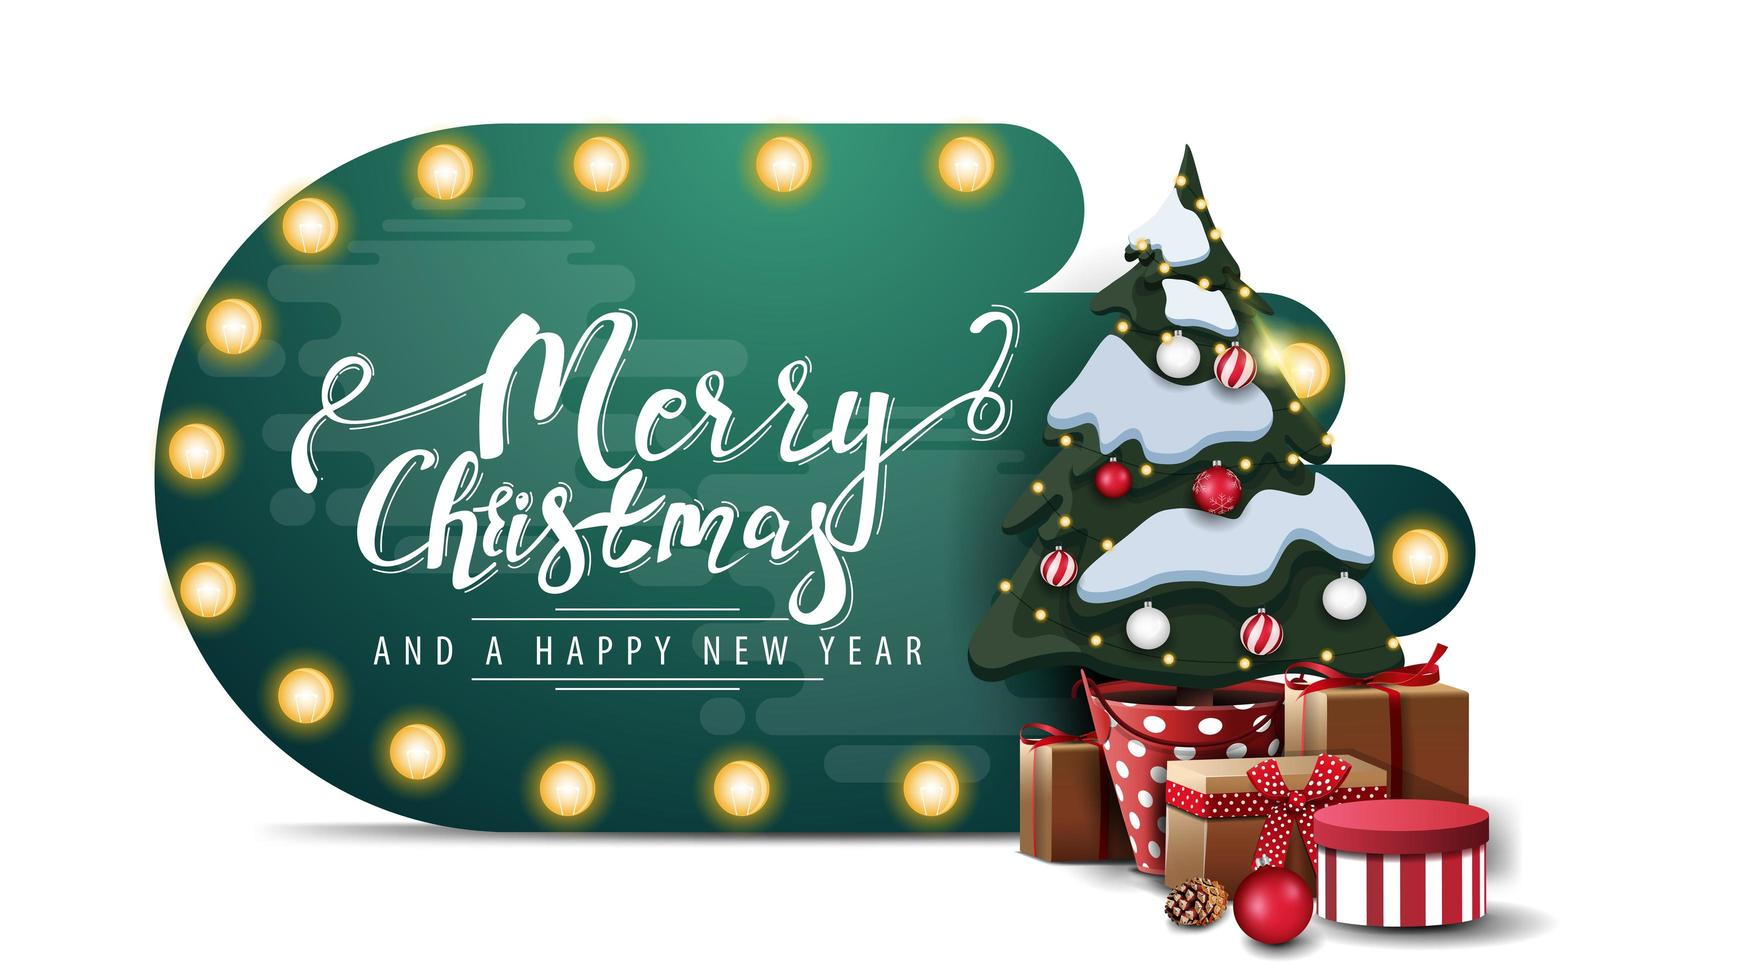 Joyeux Noël et bonne année, carte de forme abstraite verte avec ampoule et arbre de Noël dans un pot avec des cadeaux isolé sur fond blanc vecteur